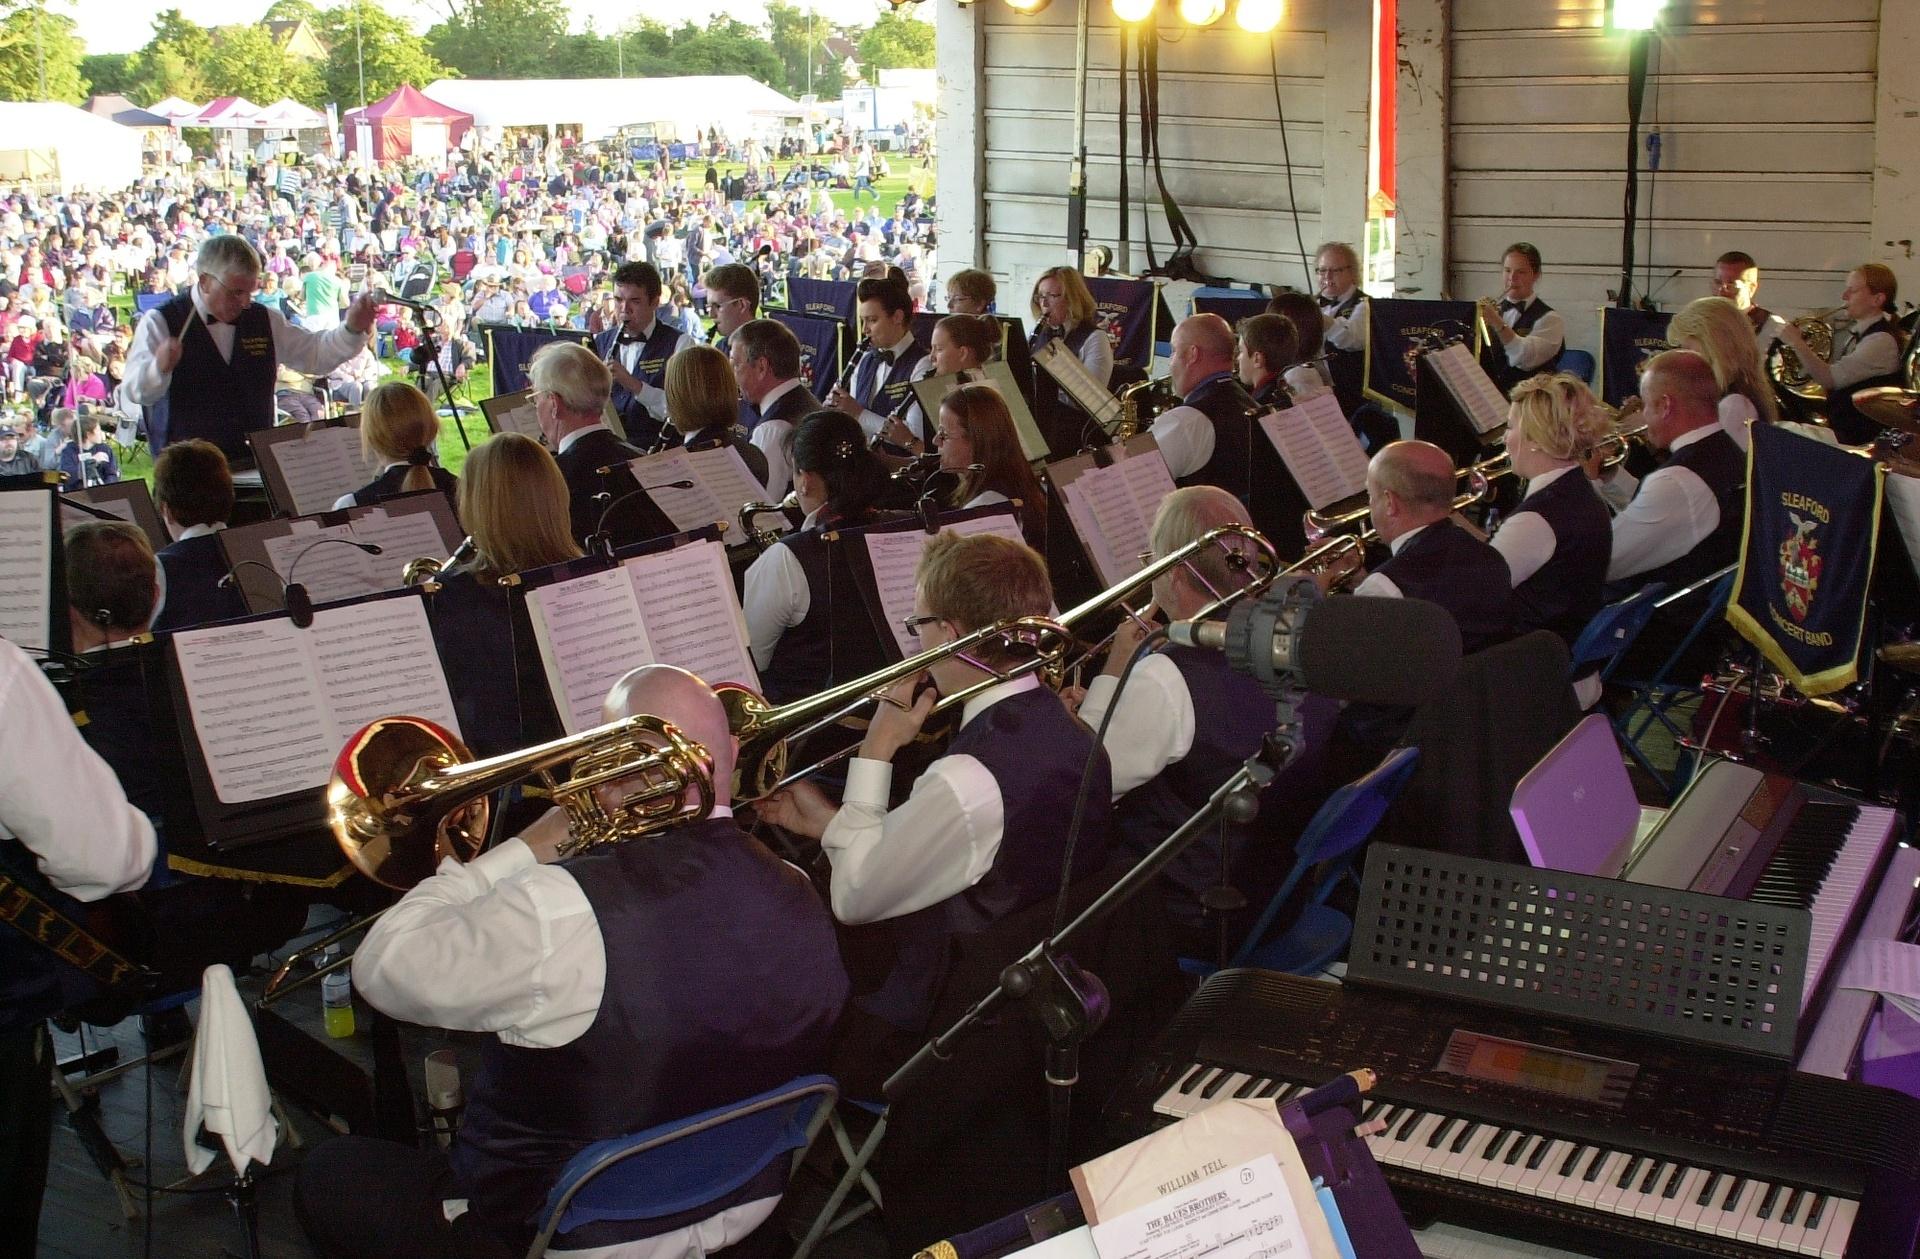 Heckington Show 2012